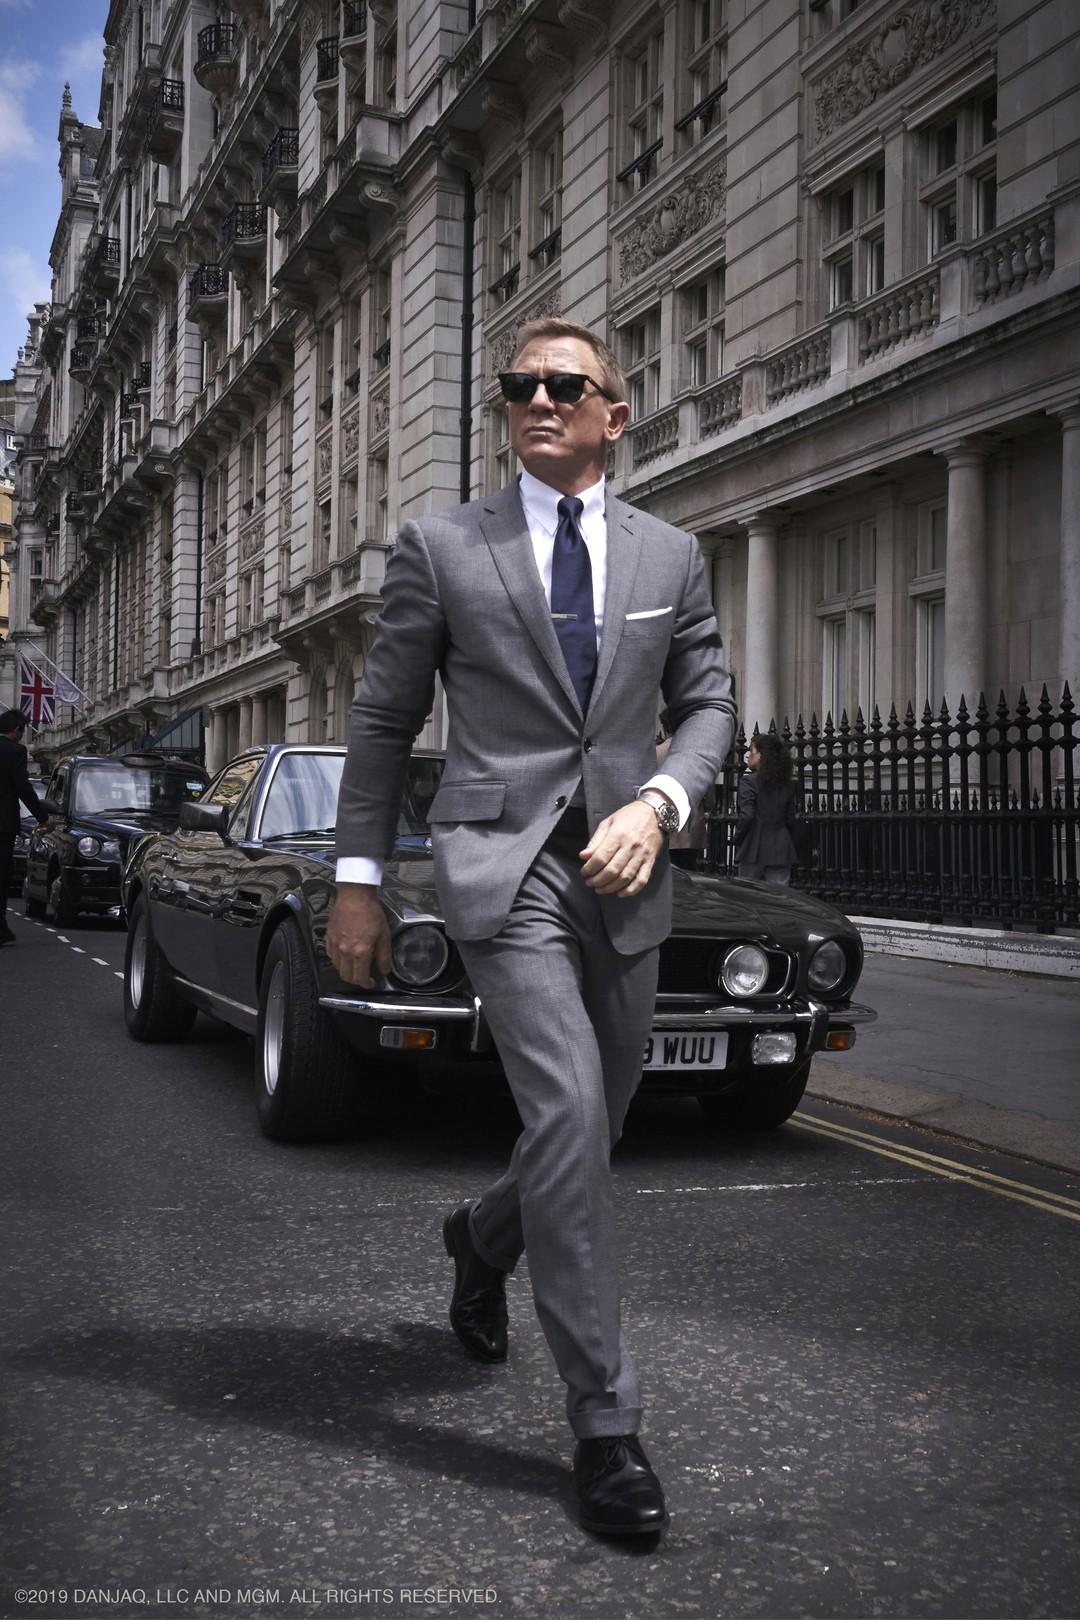 James Bond 25: Dann kommt der erste Trailer zu Keine Zeit Zu Sterben - Bild 1 von 8